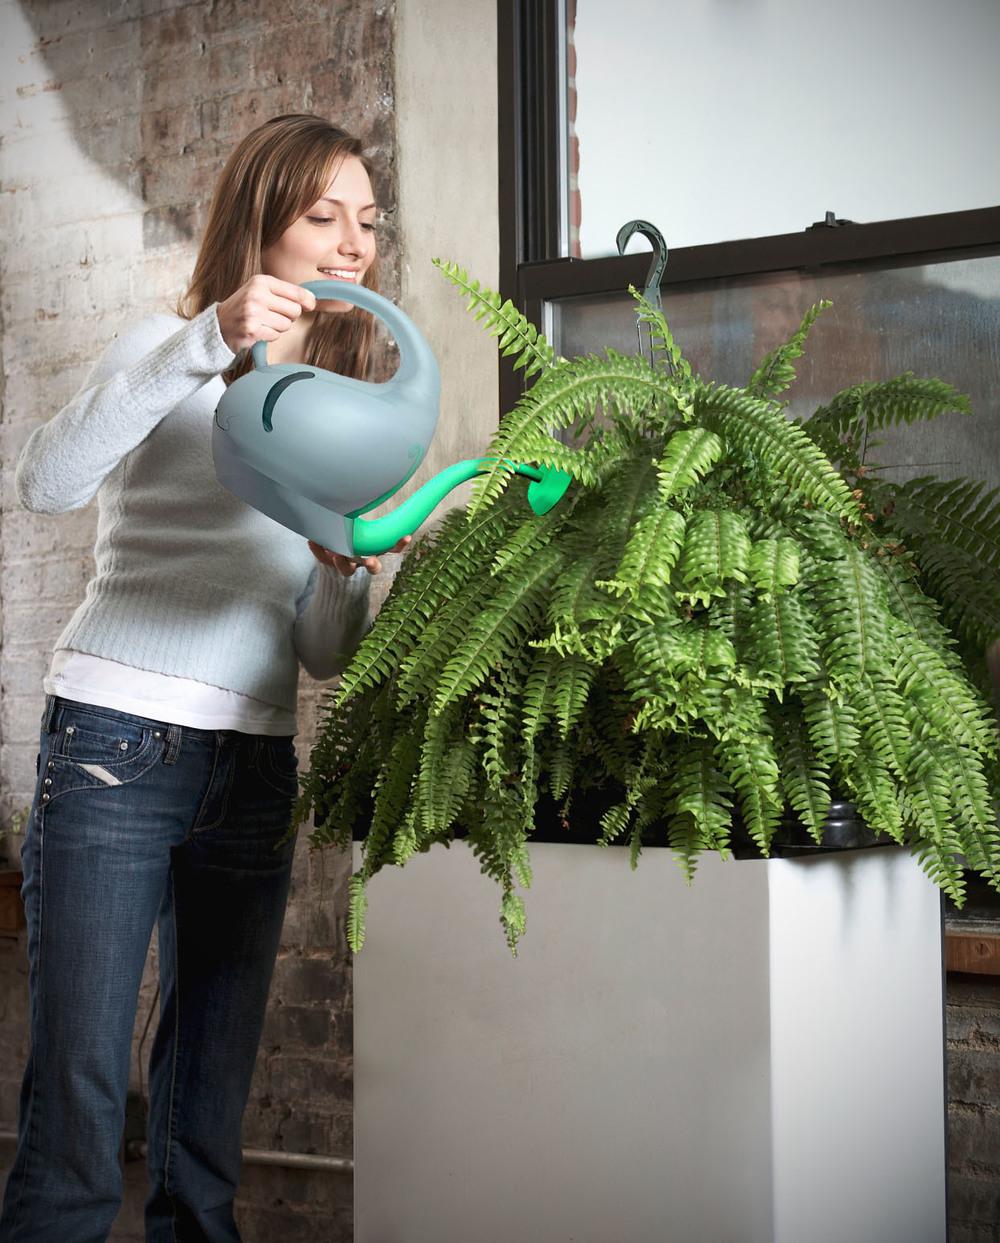 tembo woman watering.jpg